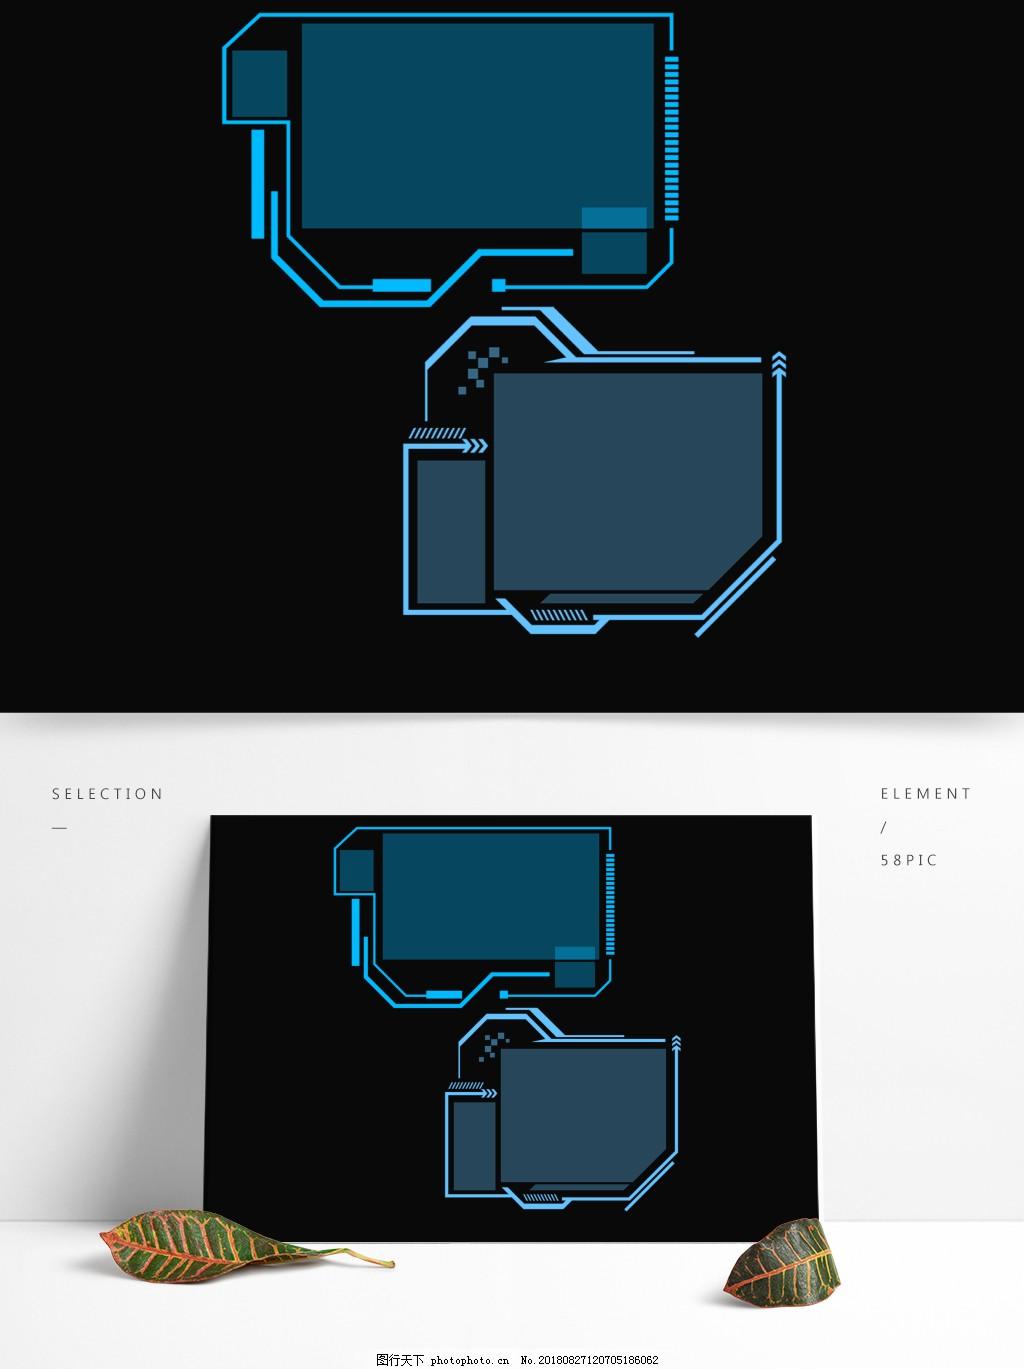 蓝色科技边框可商用元素,对话框,智能,科技感,交互界面,交互科技,蓝色边框